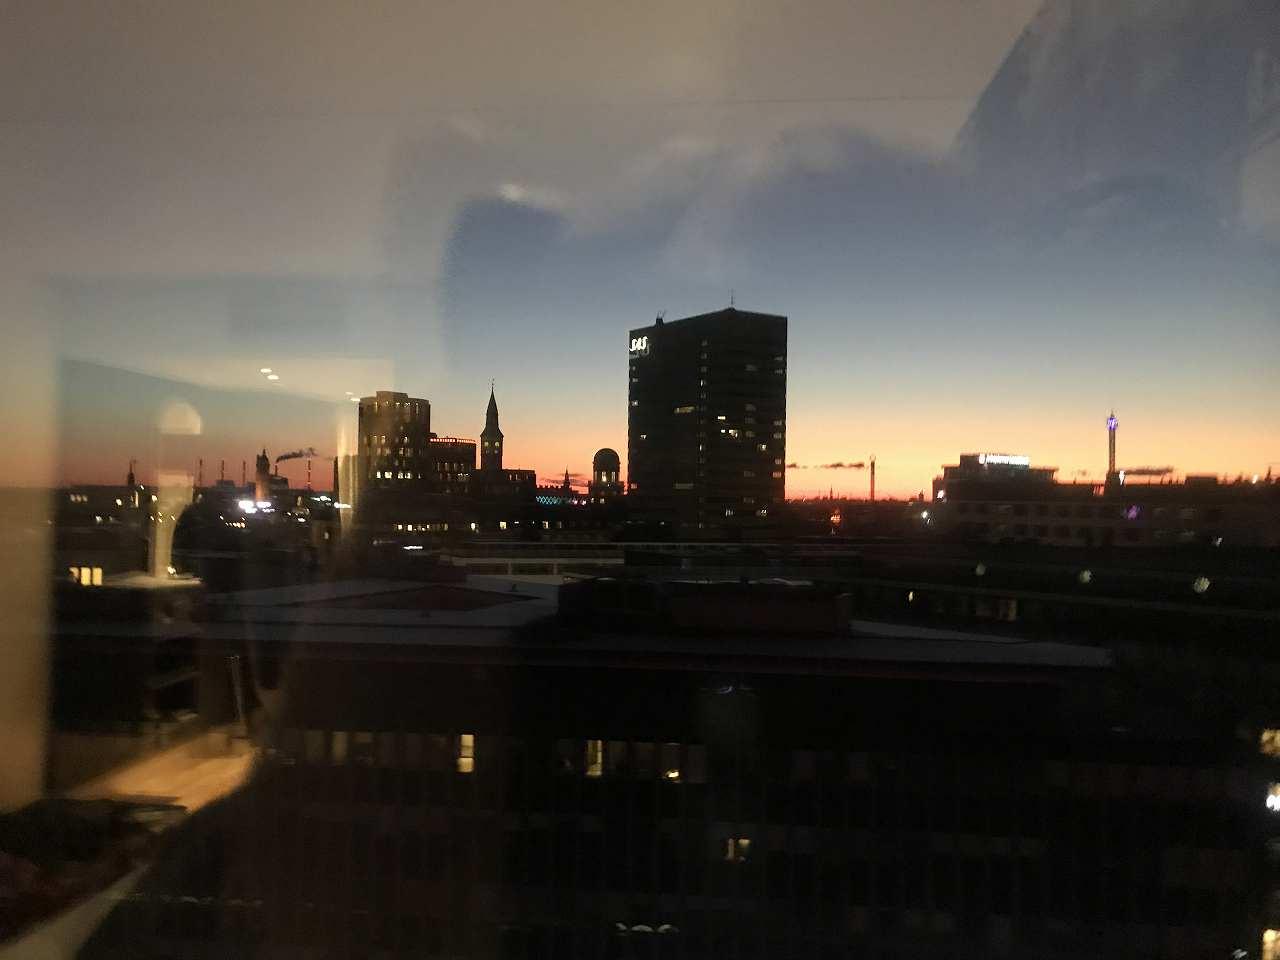 デンマークの夜明け